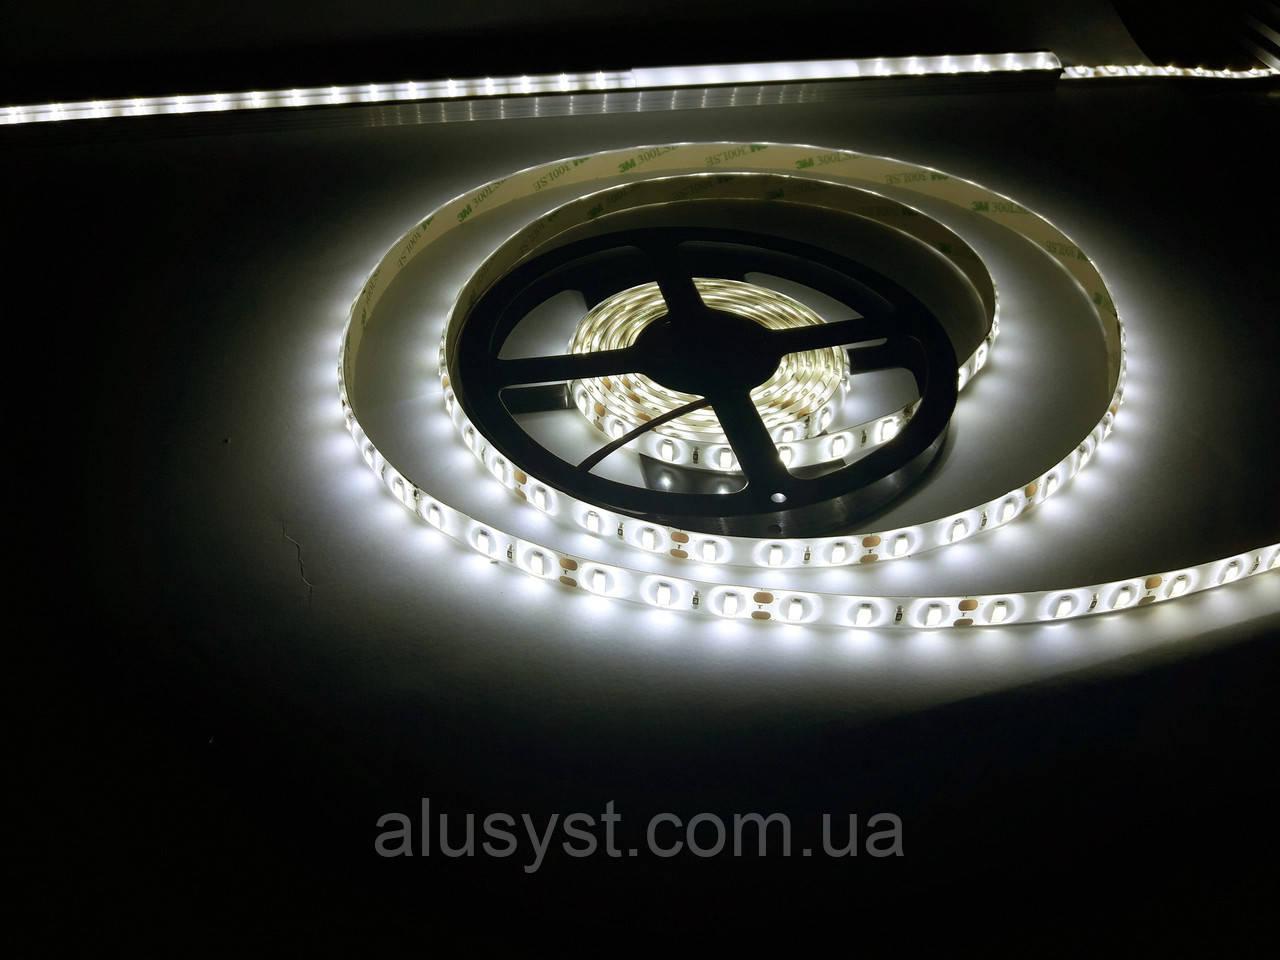 Светодиодная лента B-LED 5630-60 IP20 теплый белый, негерметичная